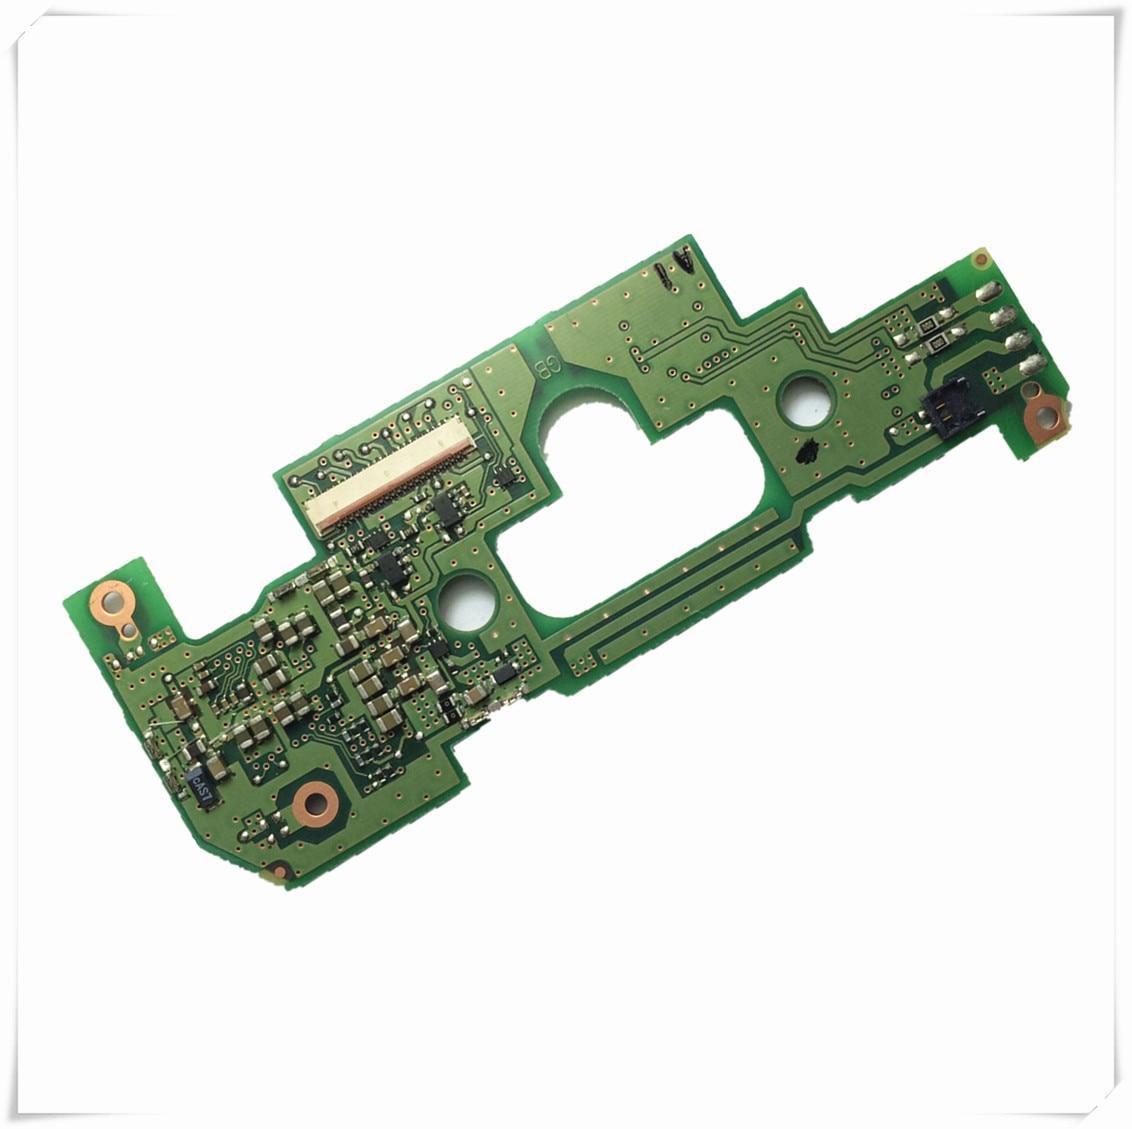 الأصلي أسفل لوحة للقيادة لوحة تحكم الطاقة إصلاح وحدة استبدال جزء لنيكون D800/D800E